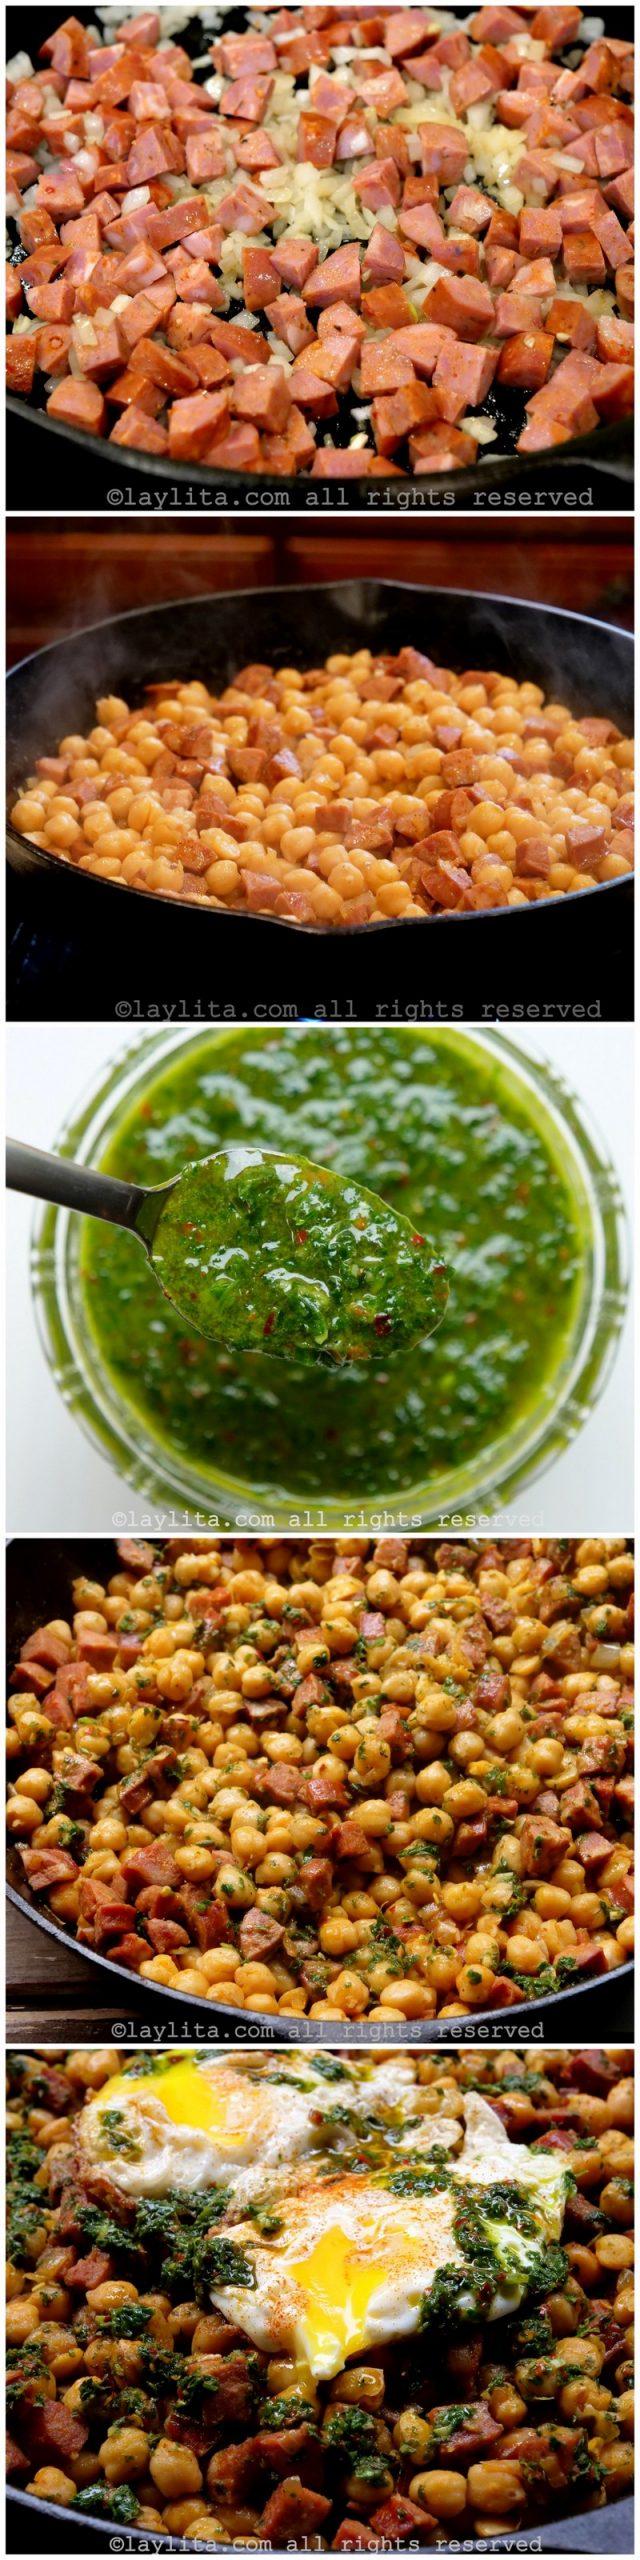 Fotos paso a paso para preparar garbanzos fritos con chorizo y chimichurri